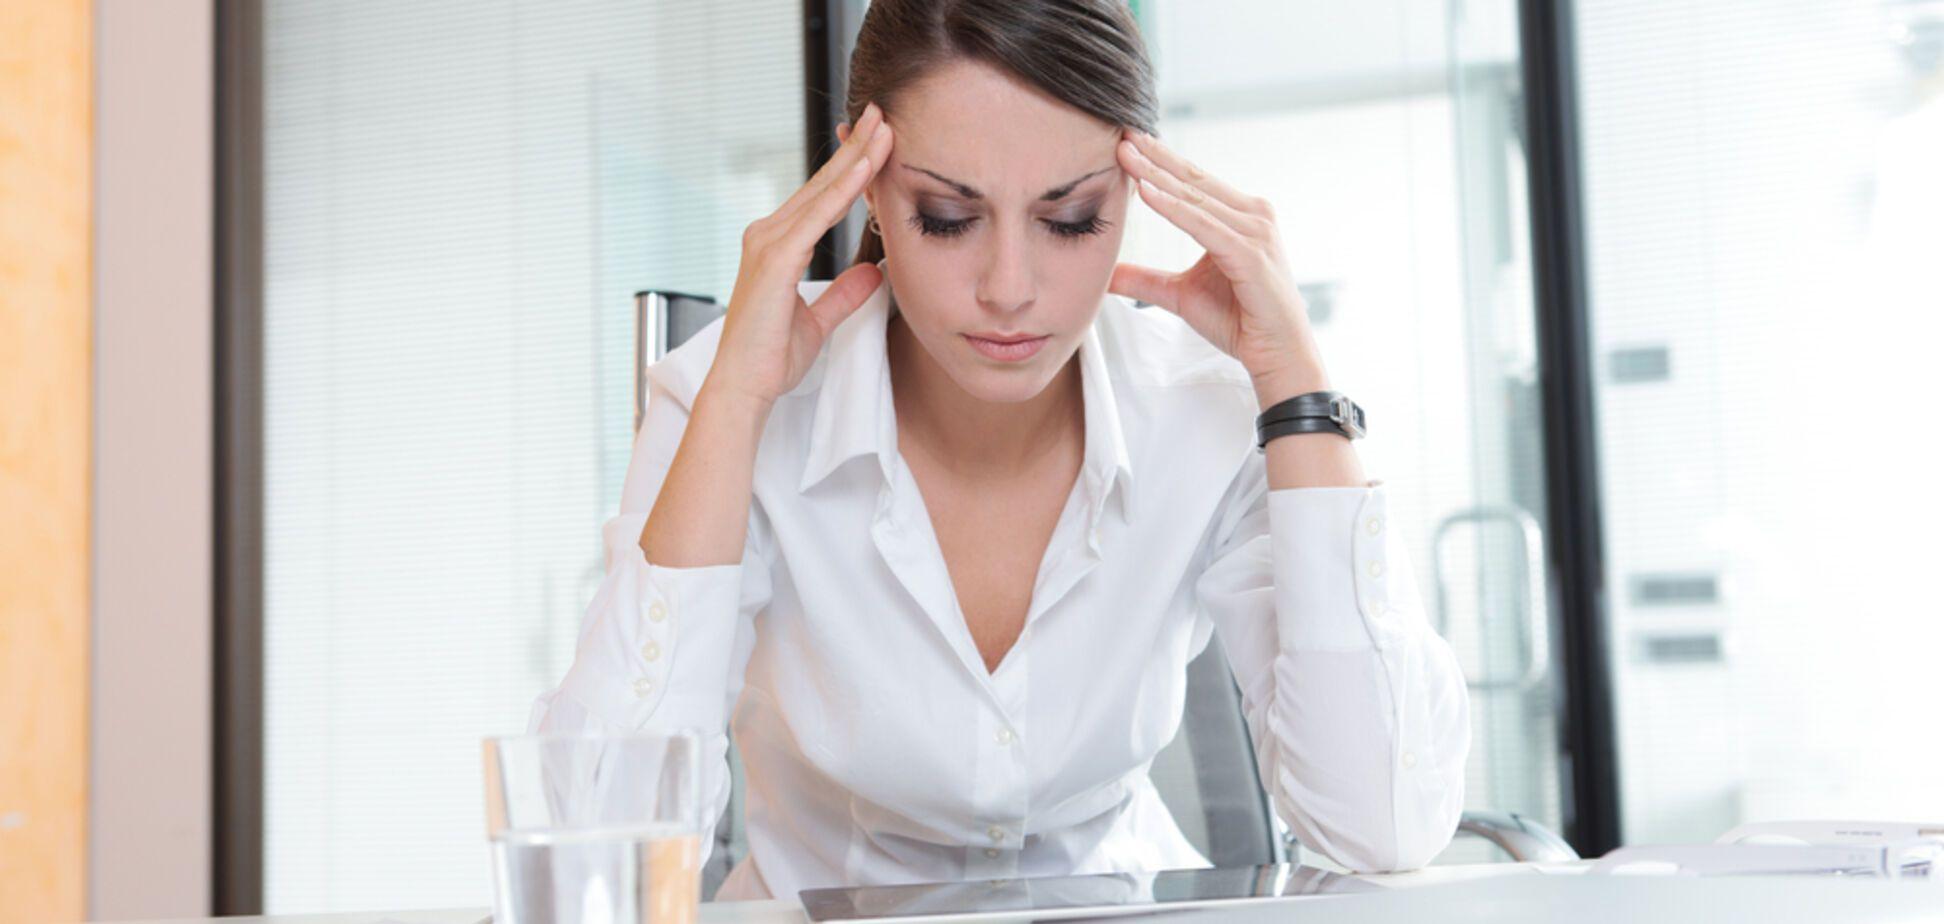 Ученые назвали продукты, снижающие стресс